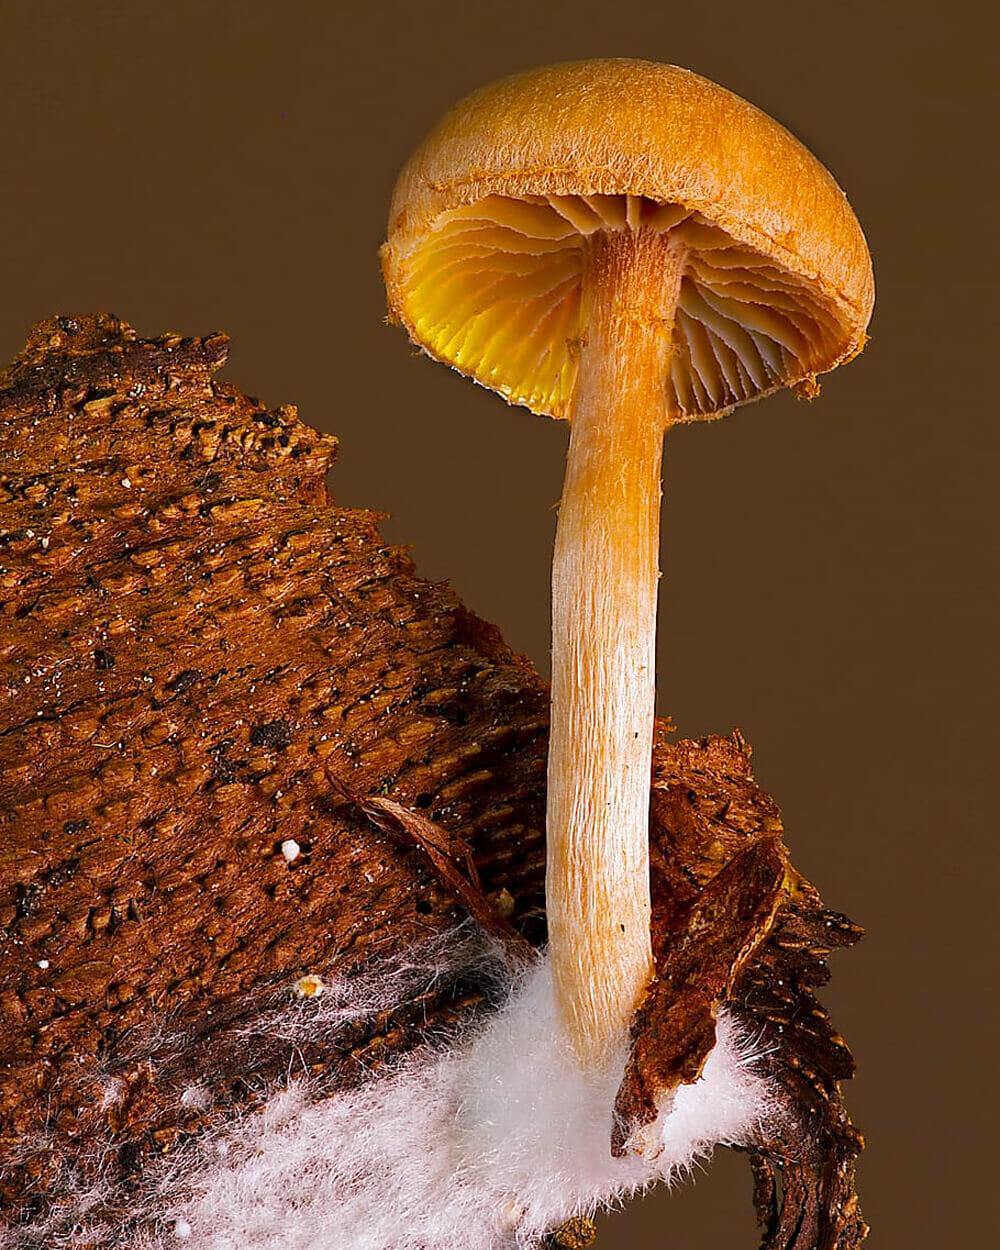 Mycelium part of fungi